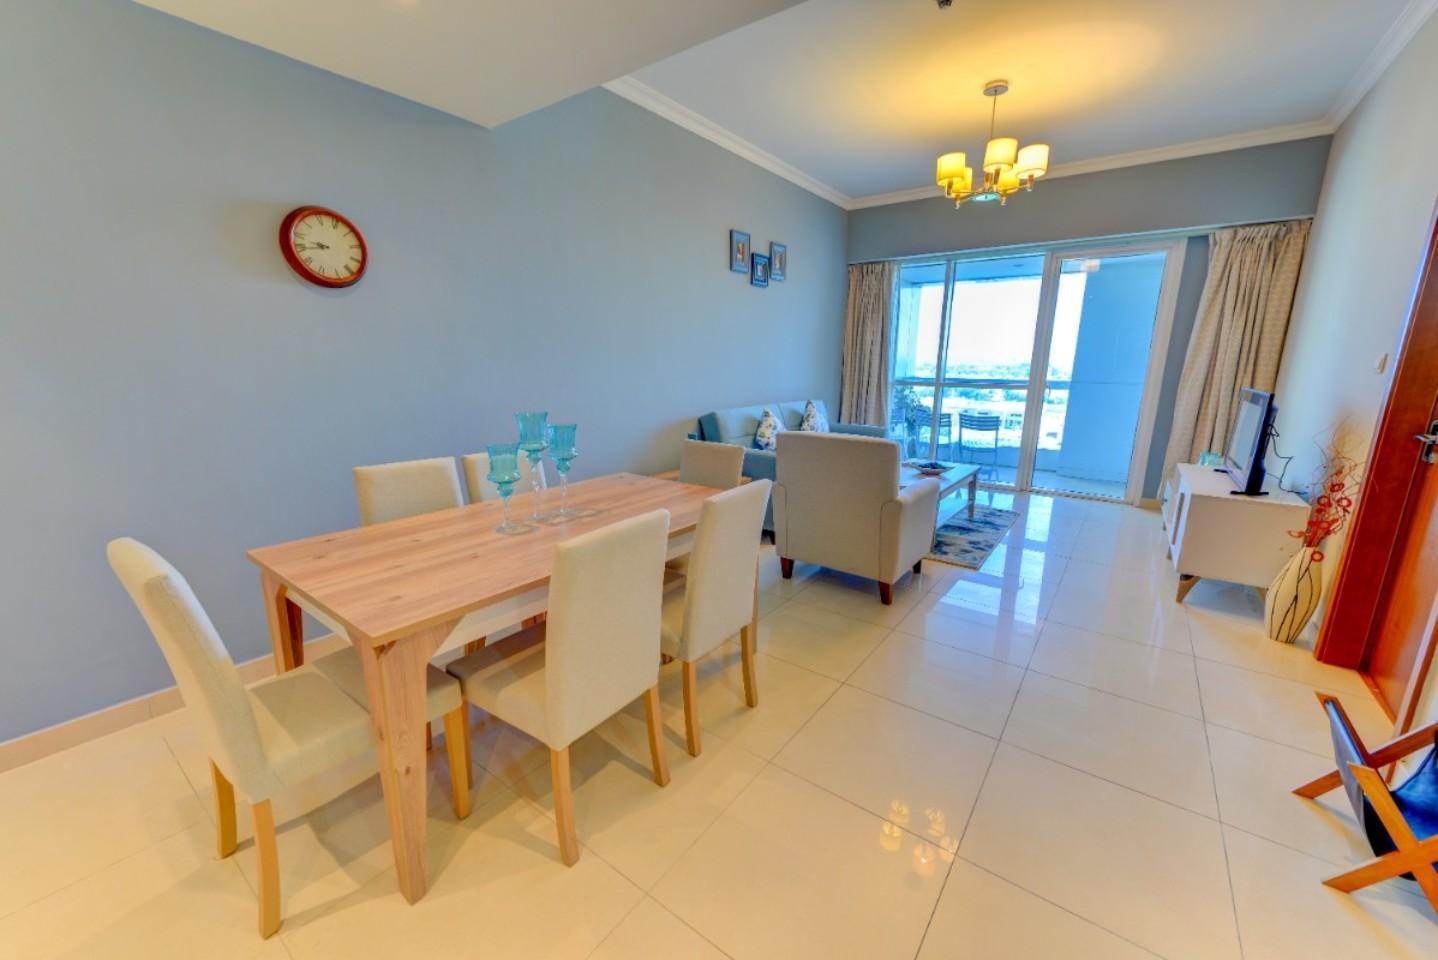 JLT High End Furnished One Bedroom In Saba Tower 3